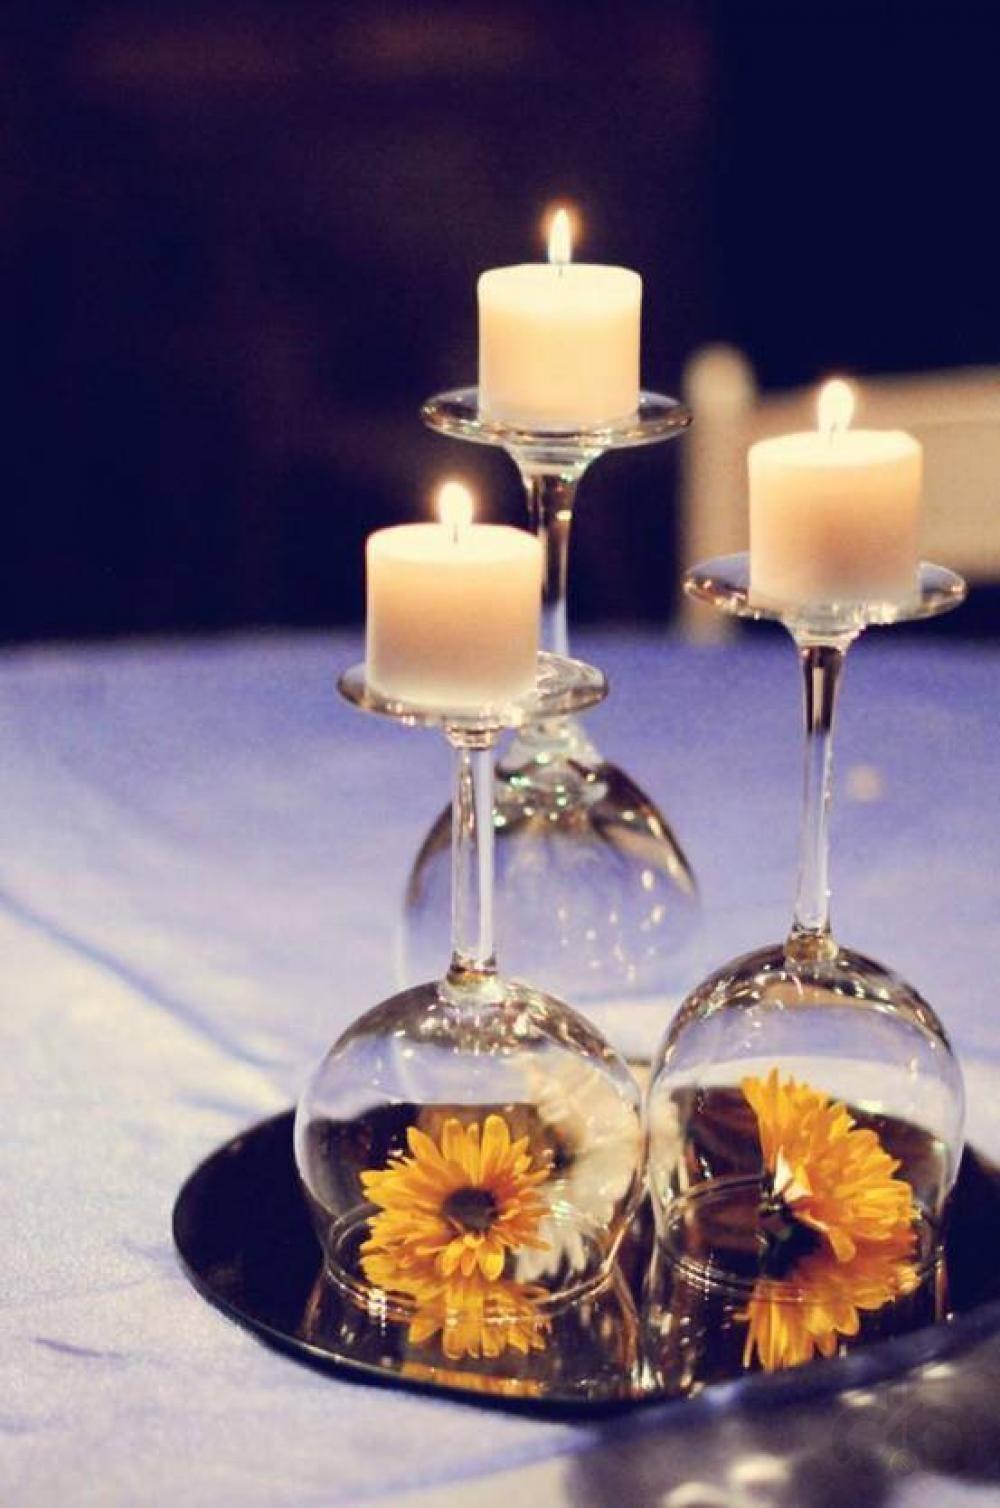 şarap kadehleri ile düğün dekorasyon fikirleri